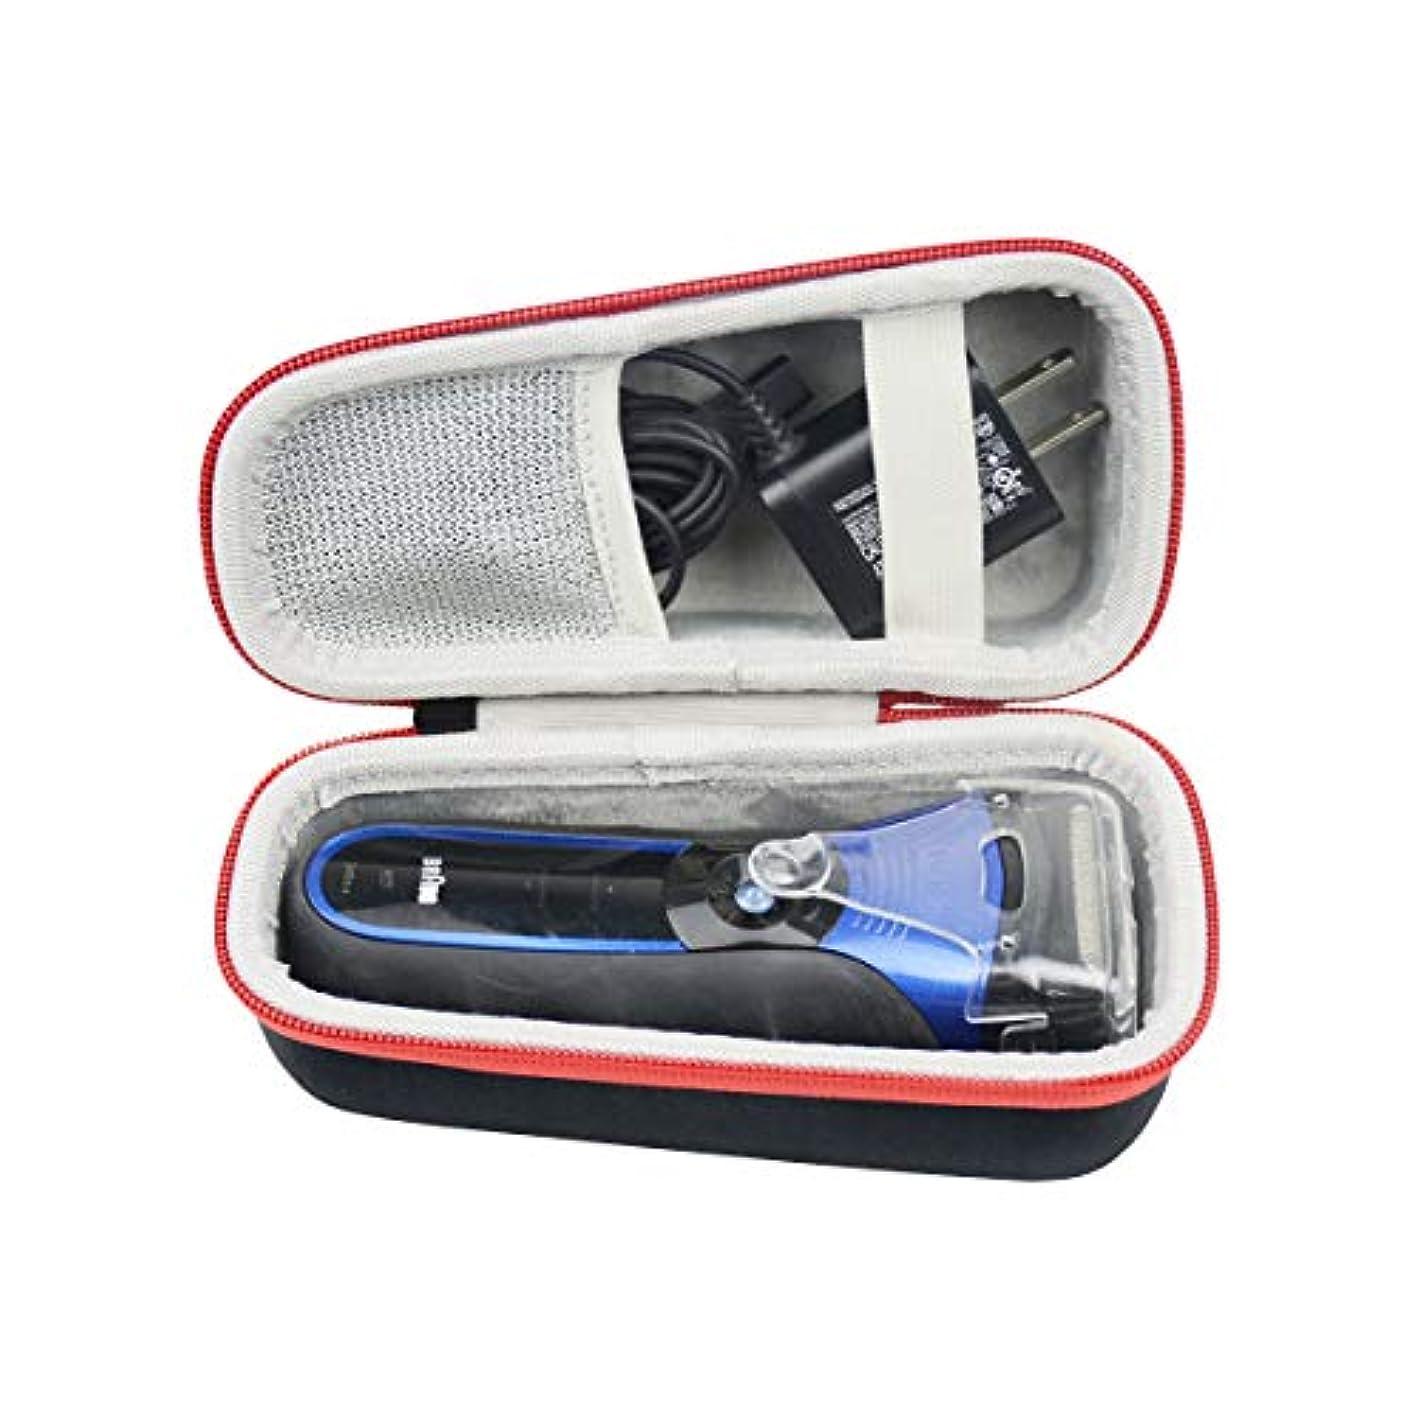 一ヒット塩辛いブラウン Braun シリーズ3 メンズシェーバー 3010s 310s 3040s 3020s-B スーパー便利な ハードケースバッグ 専用旅行収納 対応 SANVSEN